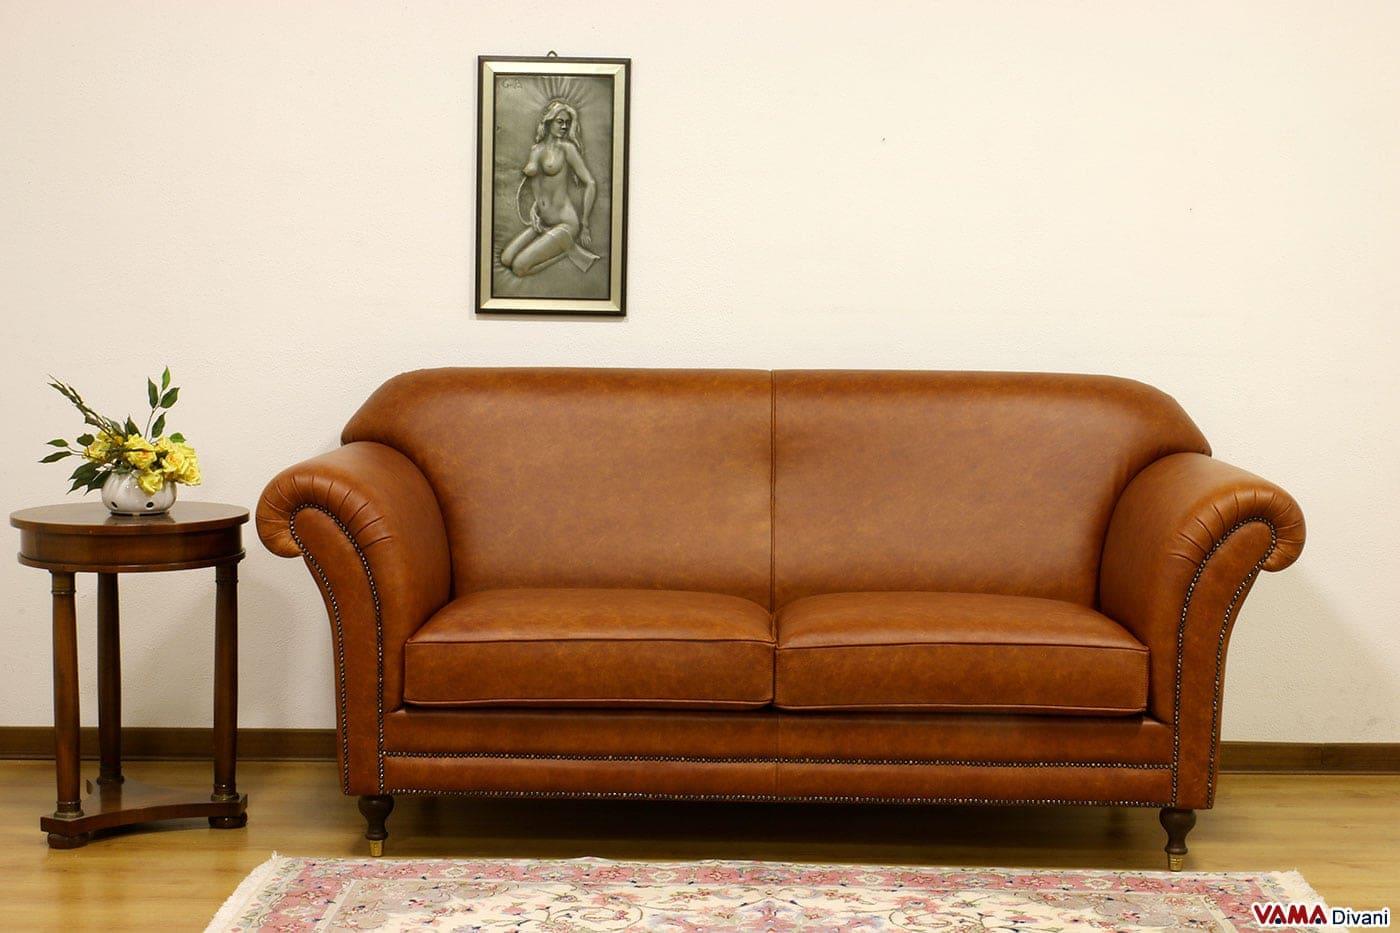 Divano classico stile inglese in pelle marrone chiaro vintage - Divano in inglese ...